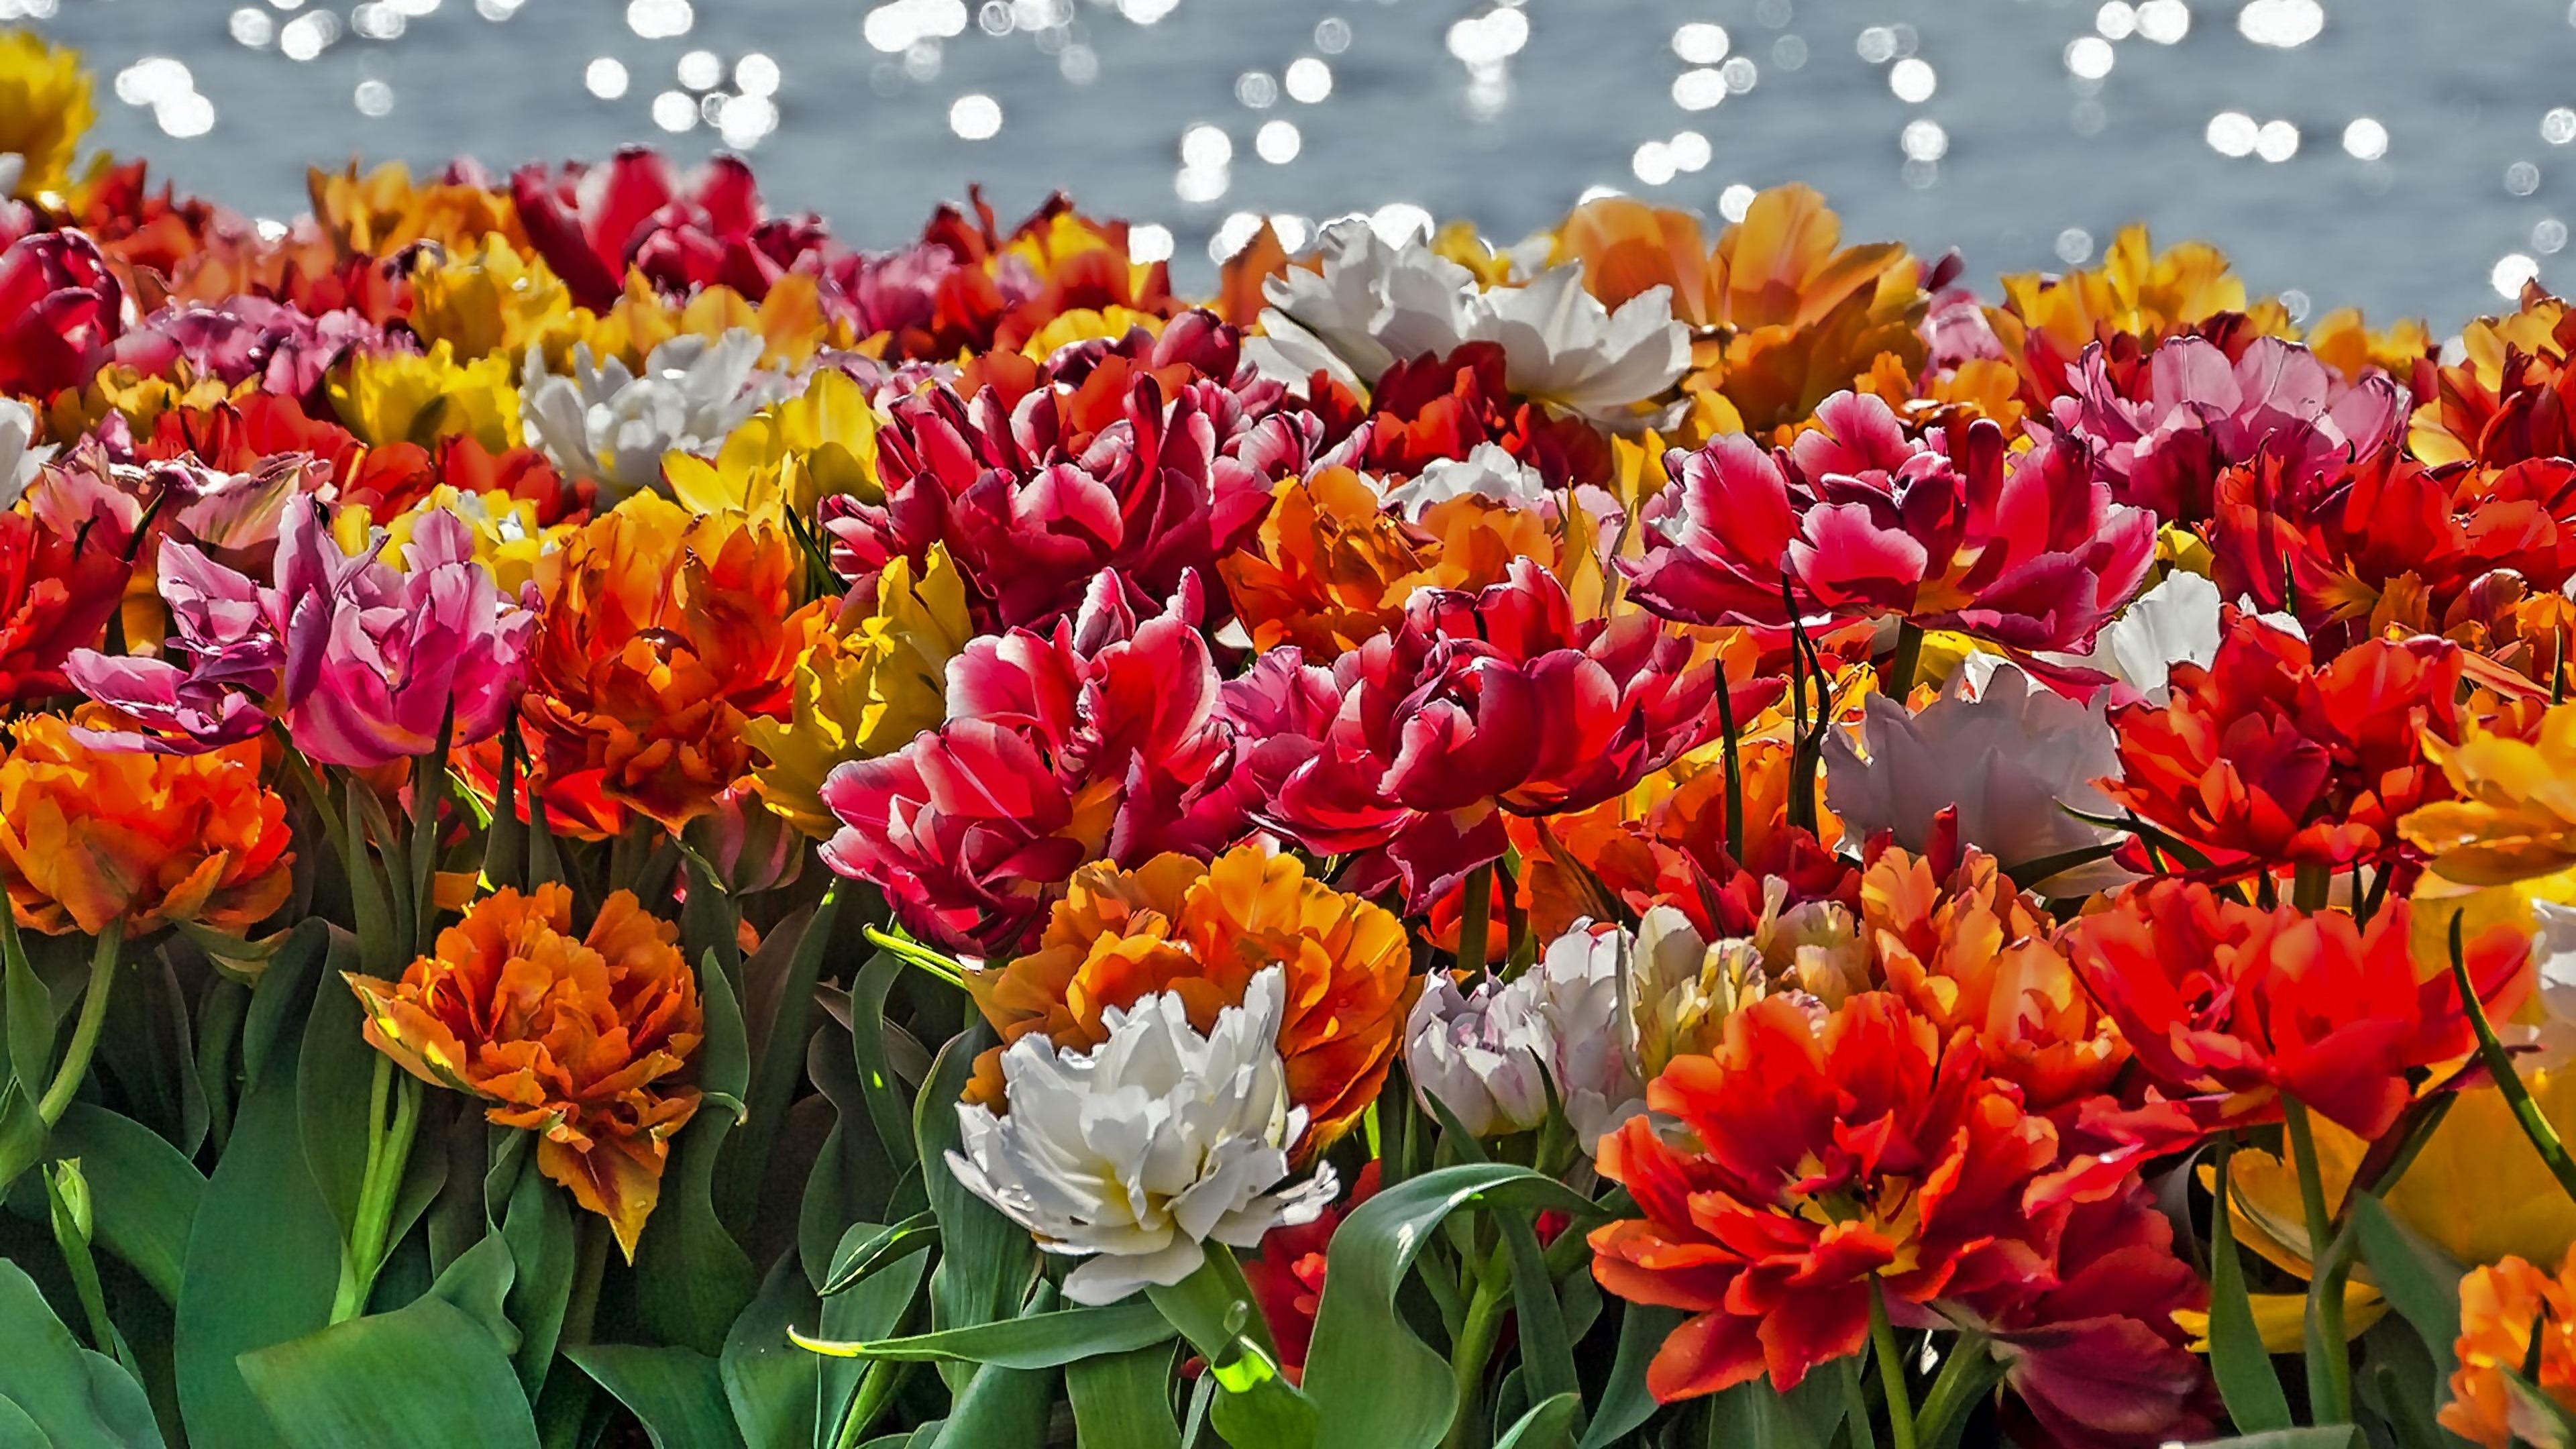 4k wallpaper frühlingsblumen 3840x2160